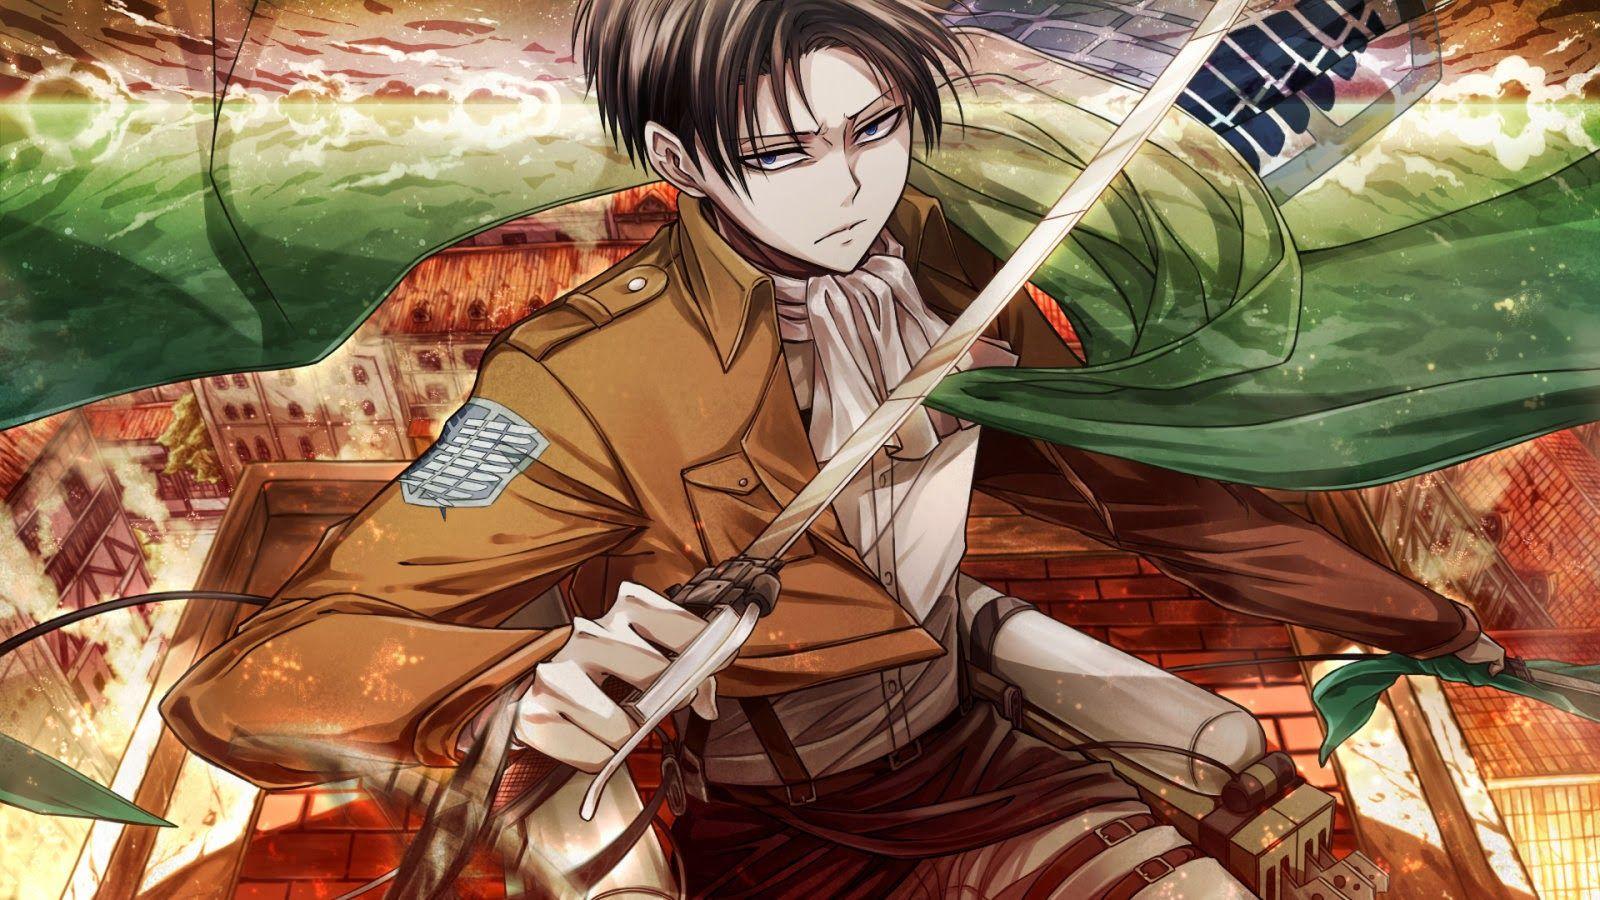 Levi Ackerman Attack On Titan Anime Attack On Titan Levi Anime